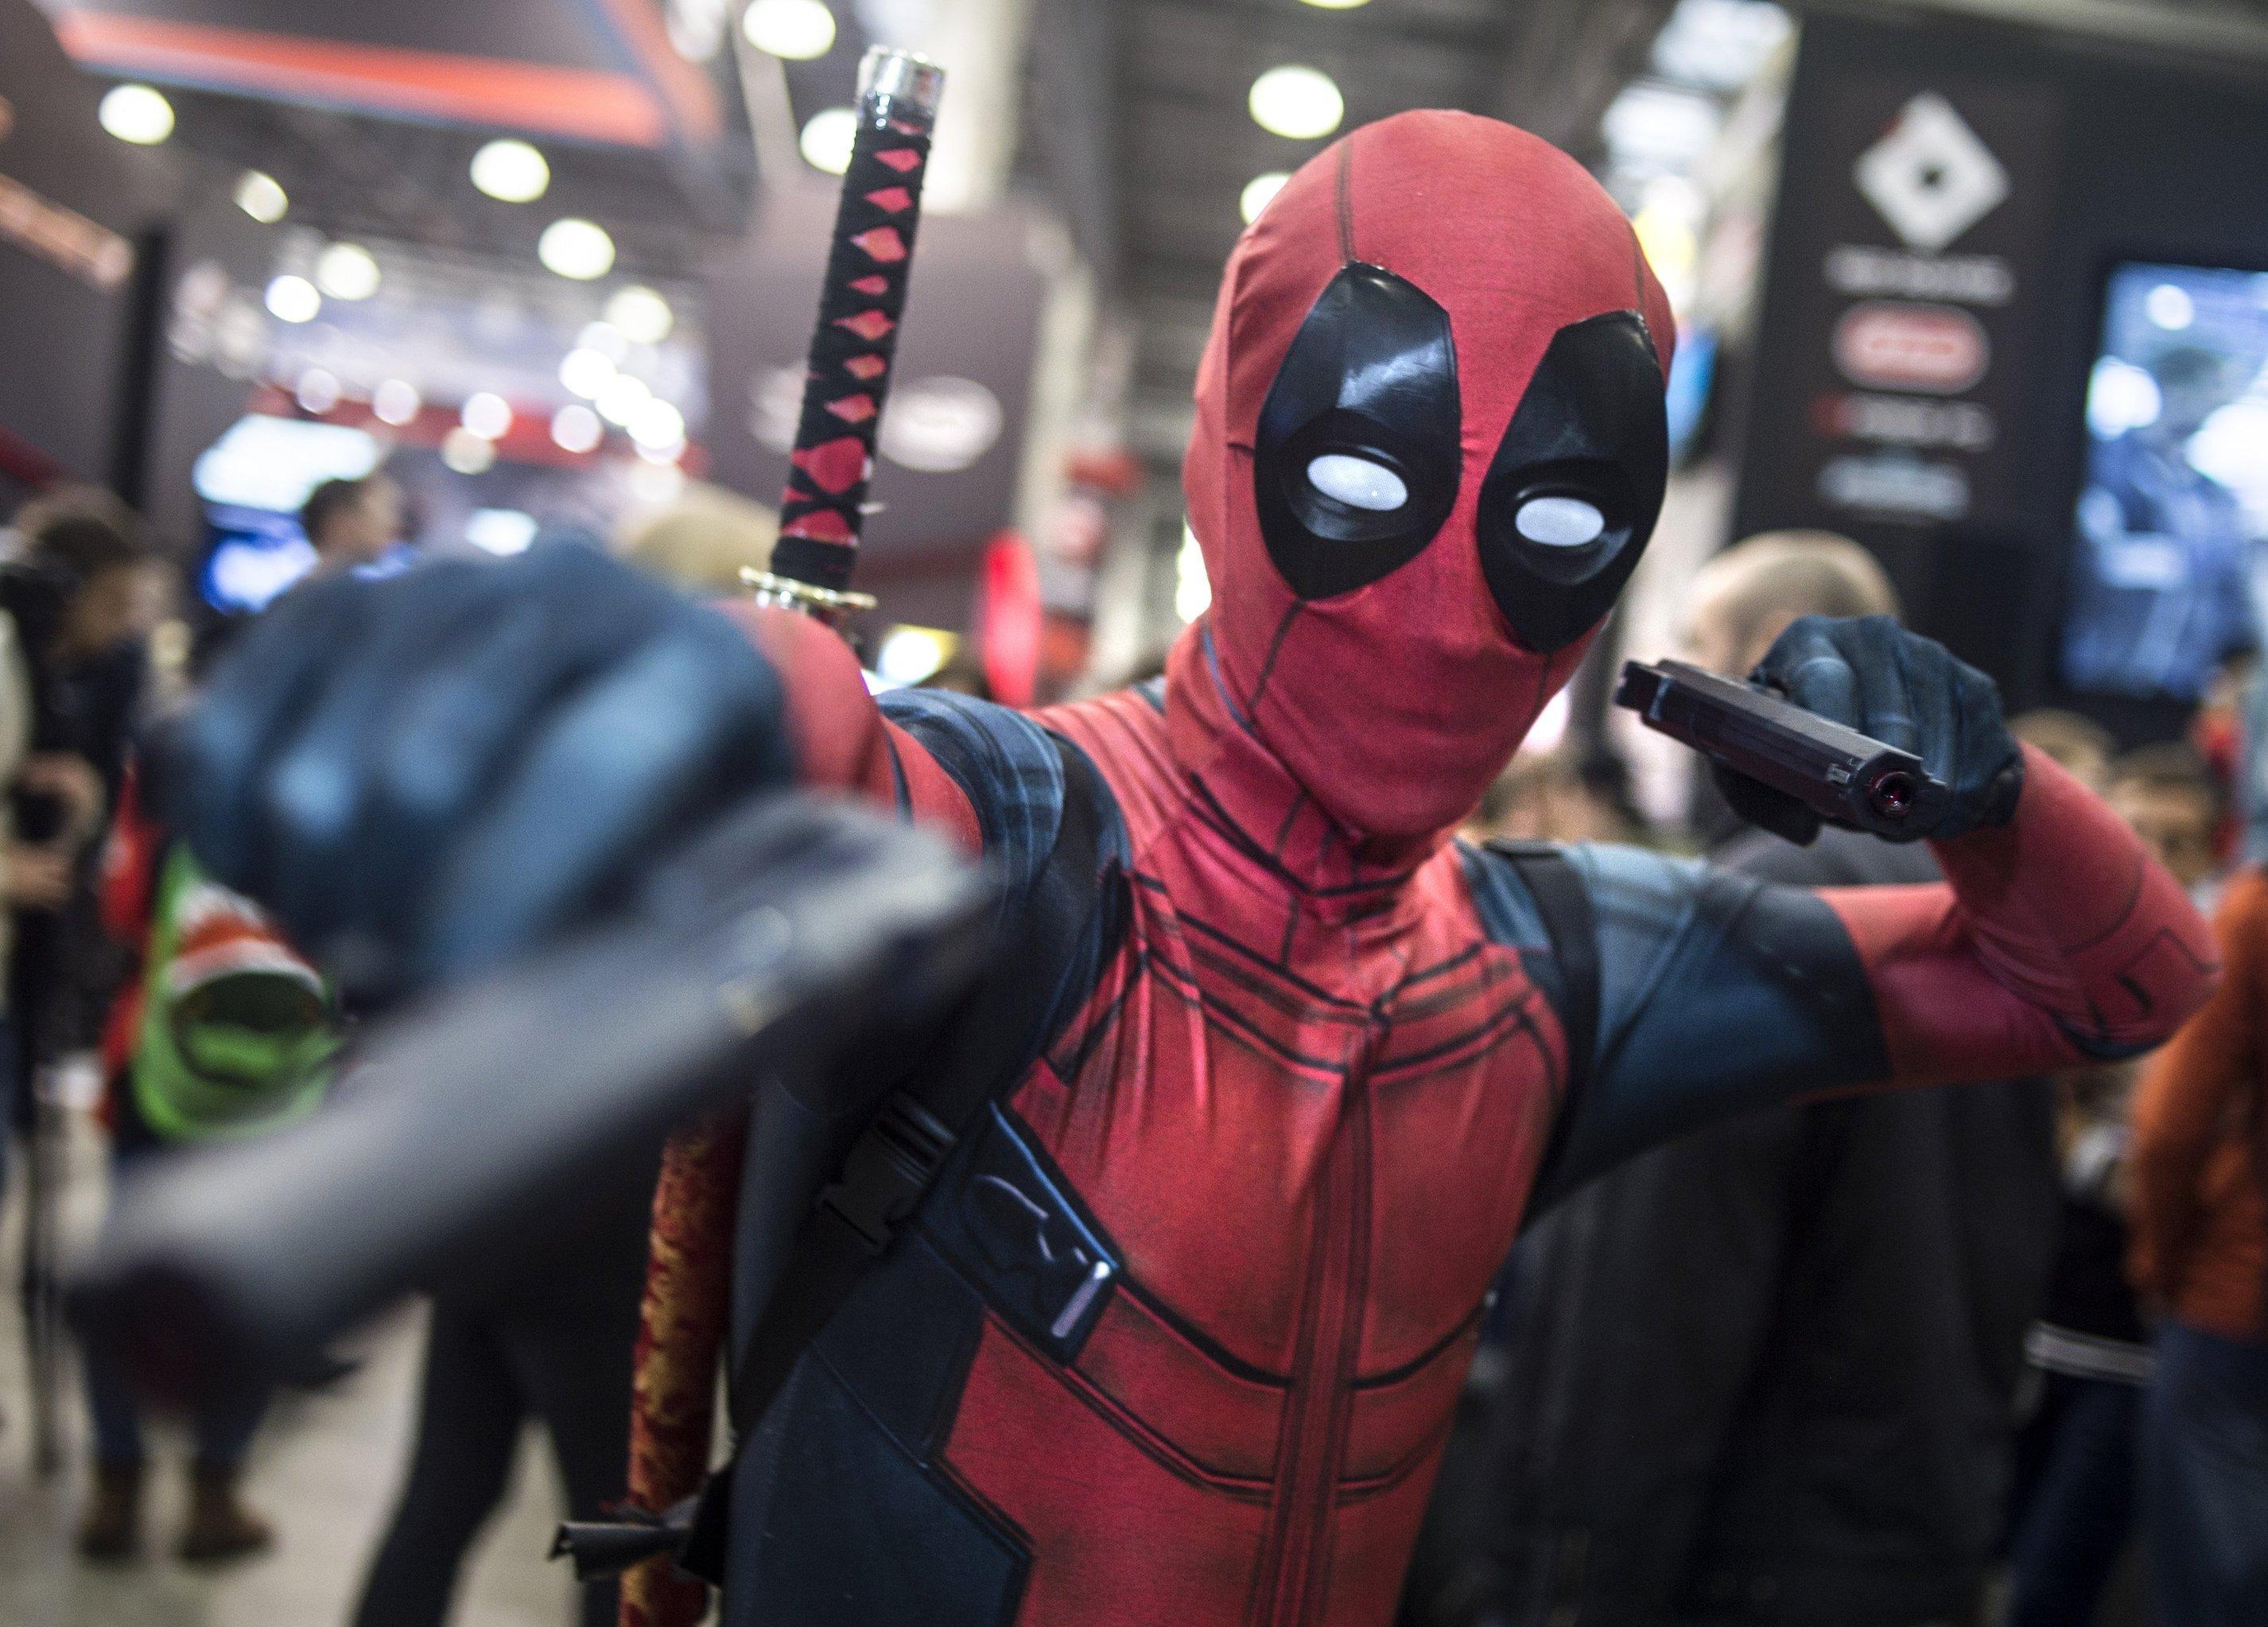 Konstantin é fã do Deadpool, personagem do Universo Marvel